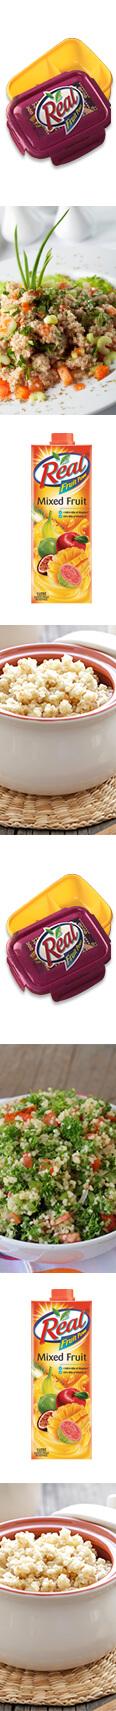 Lunch Box Recipes - Wheat Dalia/Porridge Recipe